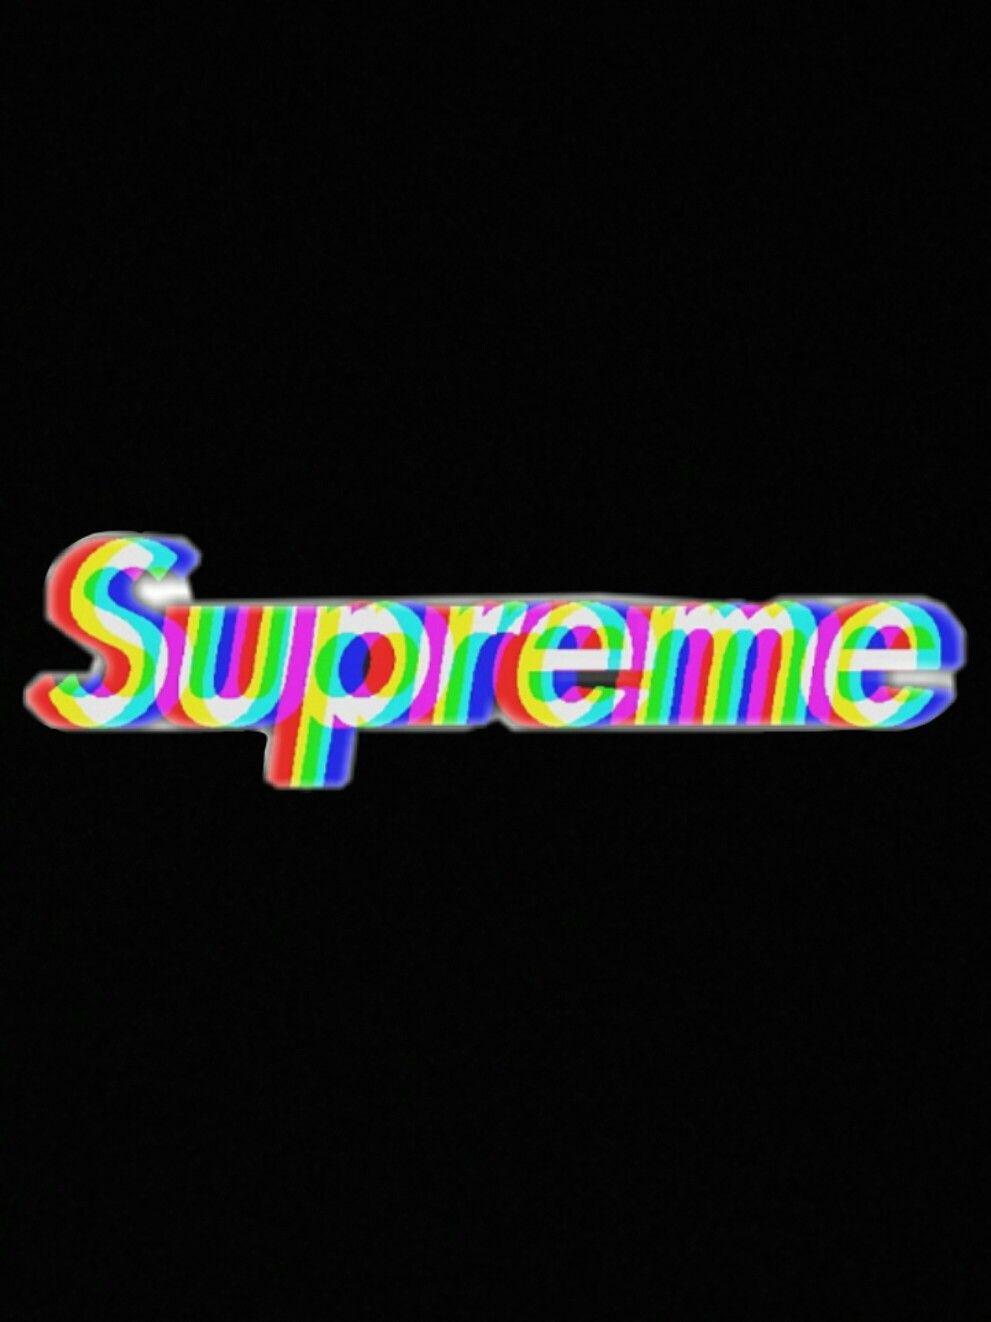 Supreme Iphone duvar kağıtları, Telefon duvar kağıtları